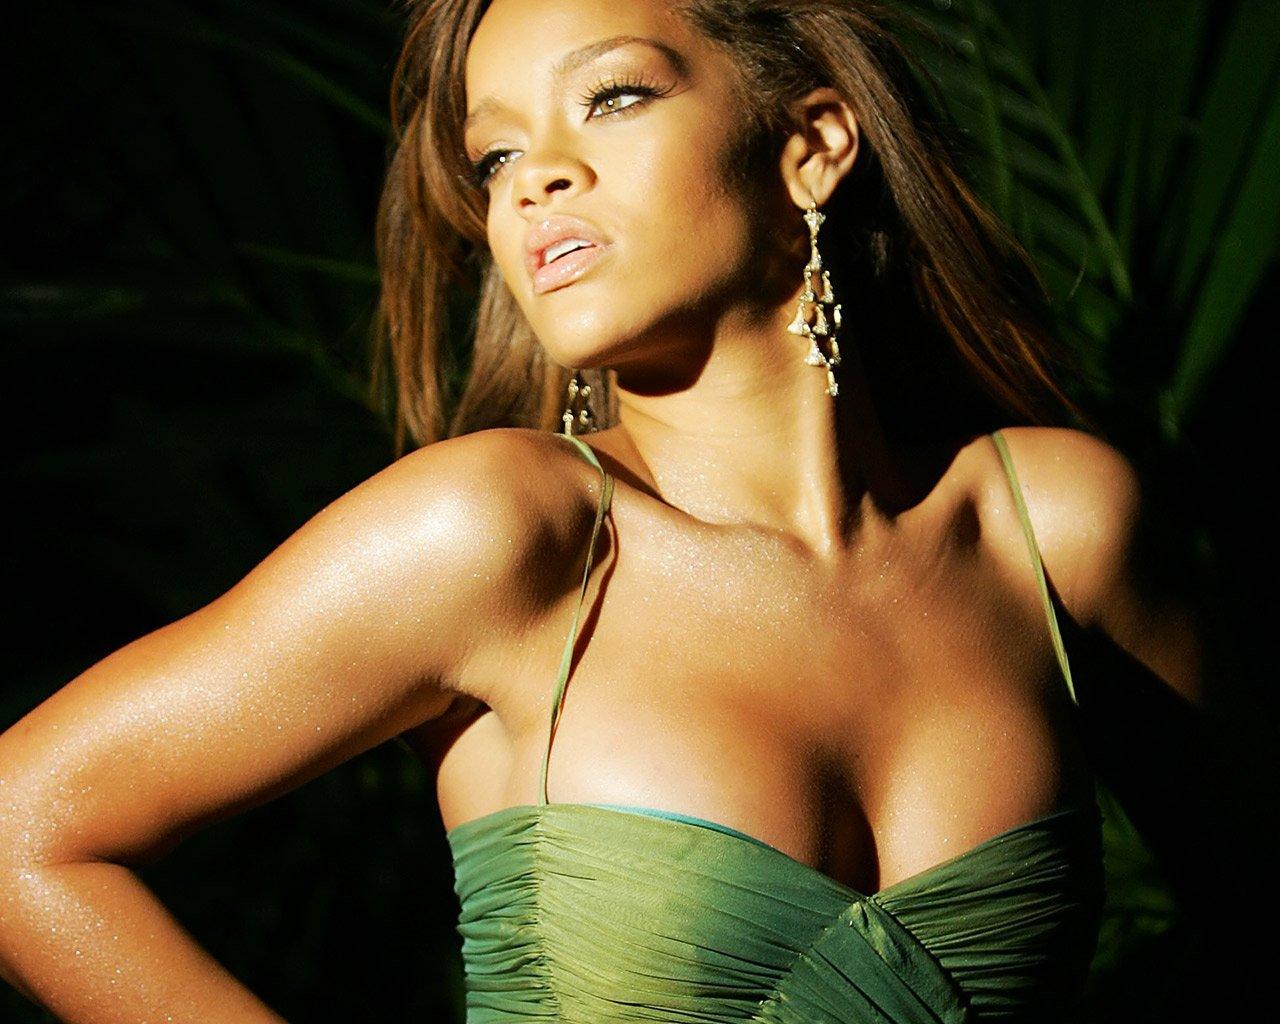 http://2.bp.blogspot.com/-XWgcXN2Nlpg/TcmaX1MLg4I/AAAAAAAAA2A/445CHVYJvFI/s1600/Rihanna+10.jpg